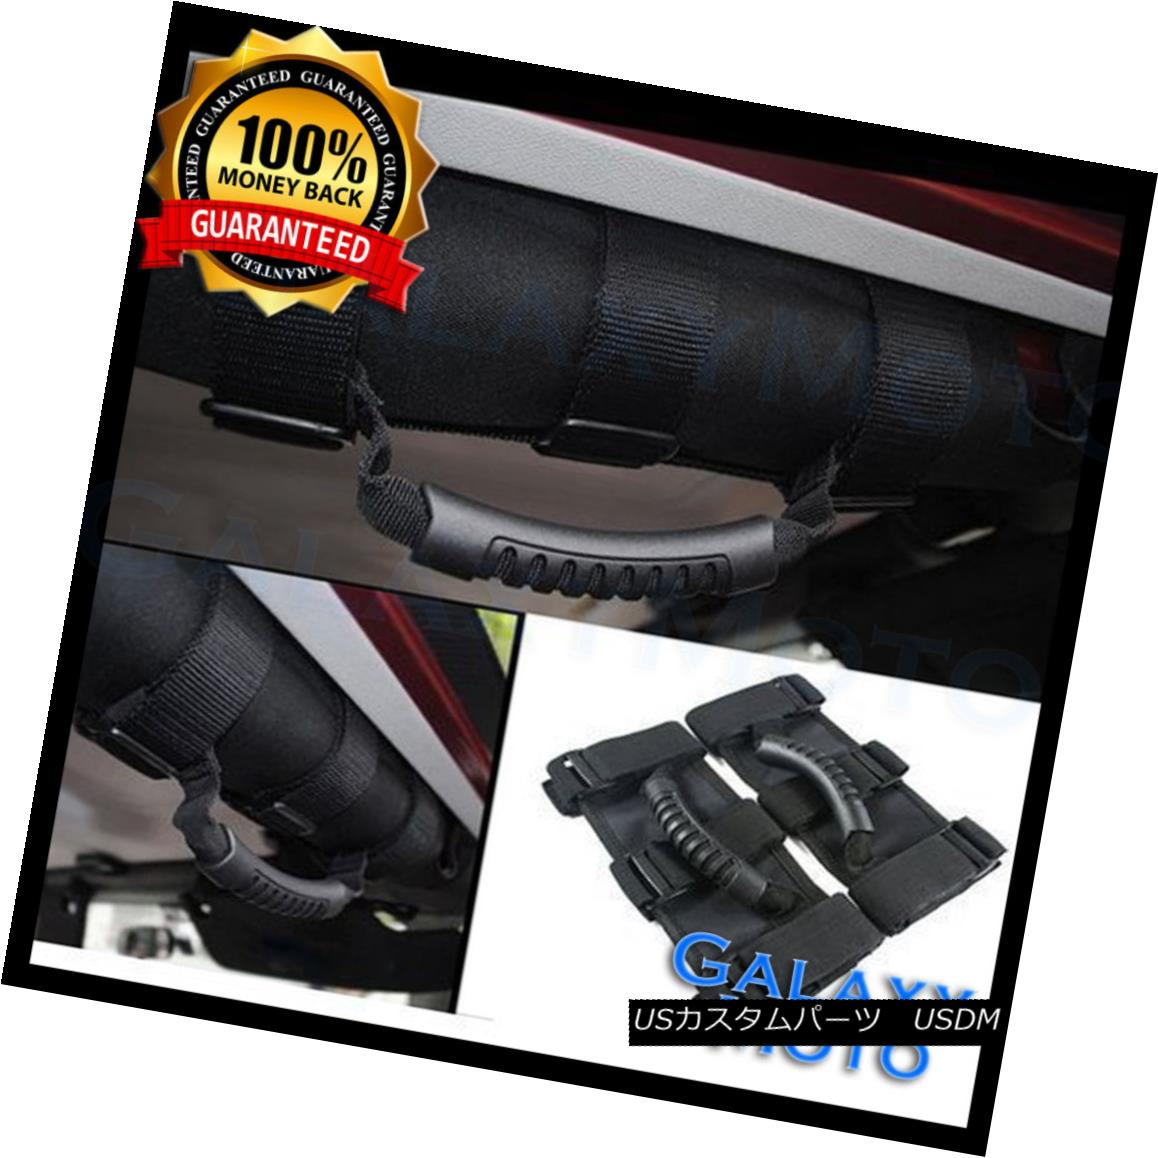 Extreme Sport BLUE Black Rear Bar Grab Handle for 87-16 Jeep Wrangler JK TJ YJ